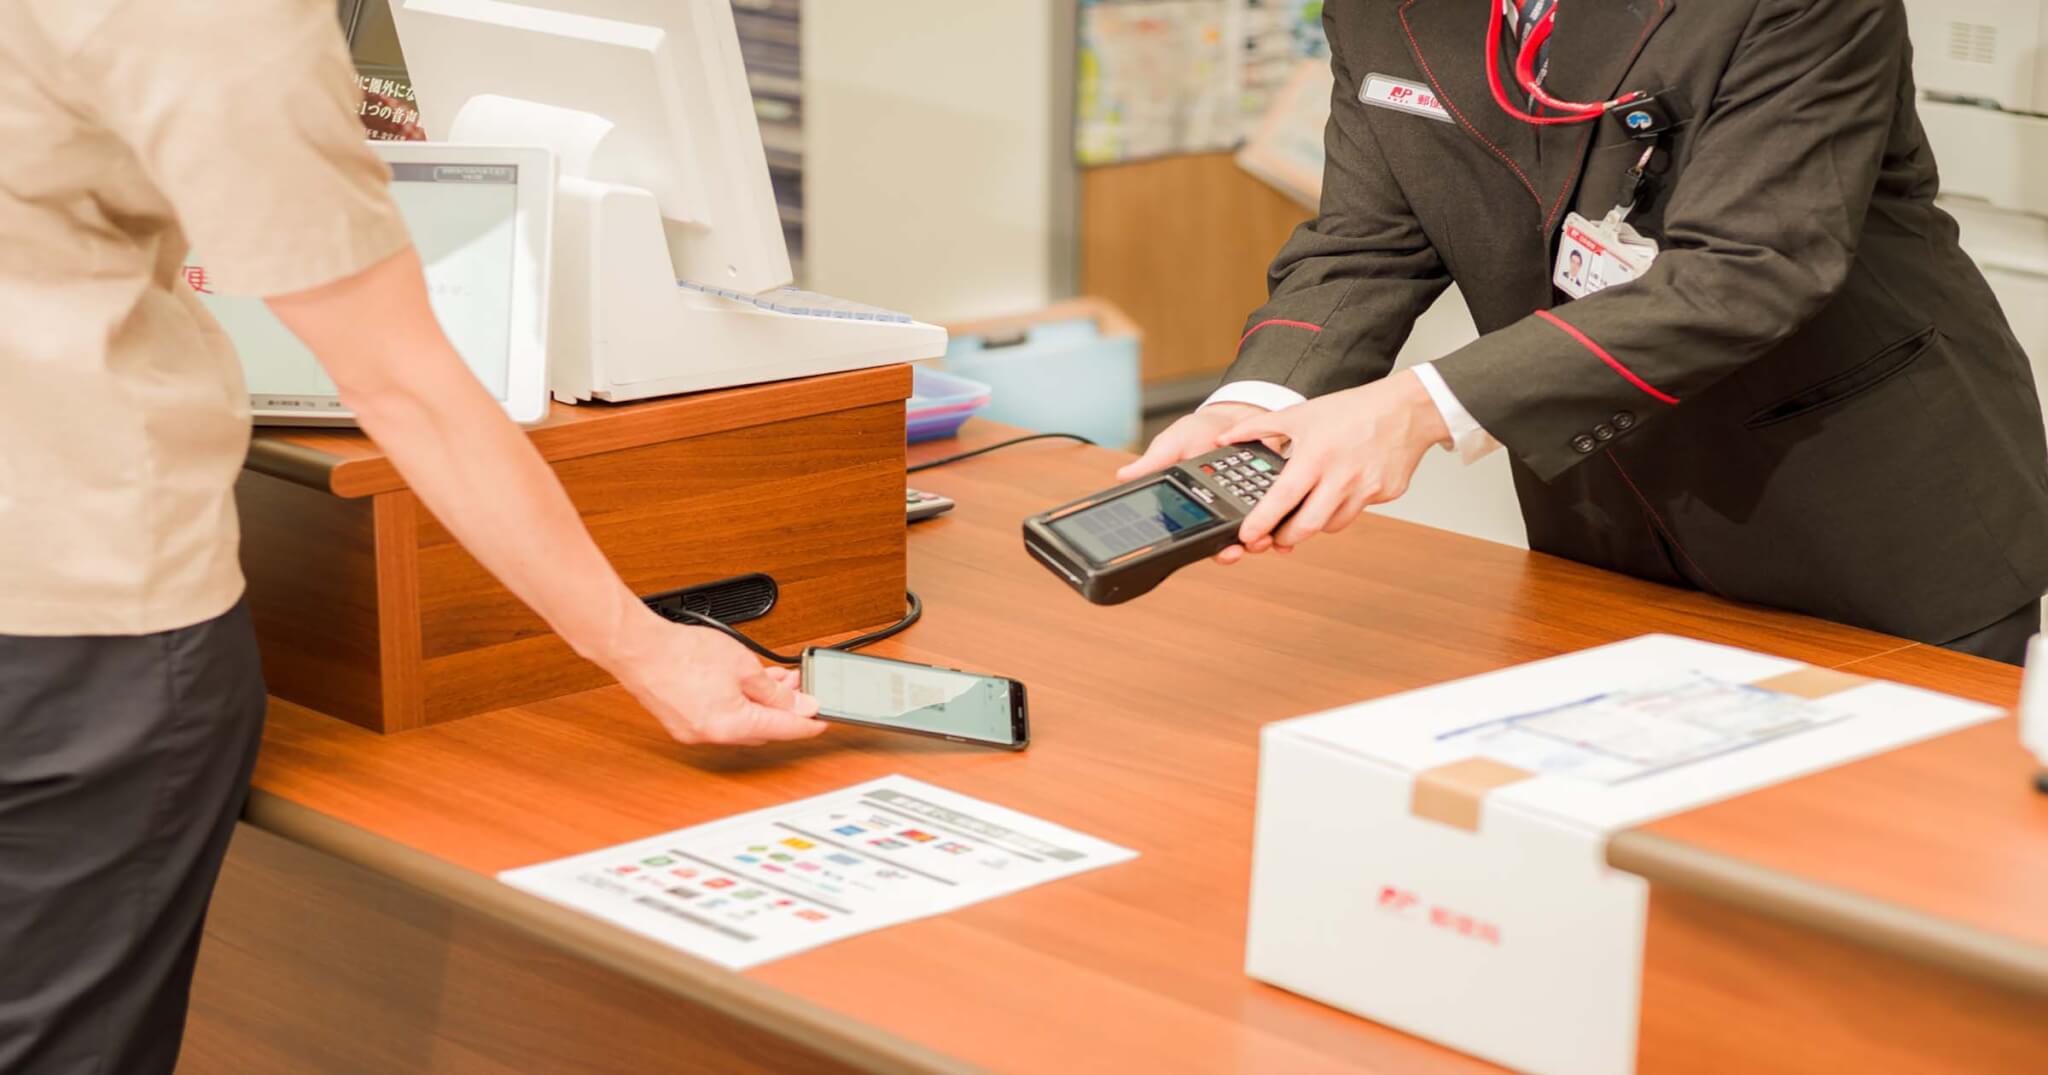 郵便局での支払いイメージ(画像提供:日本郵便株式会社)